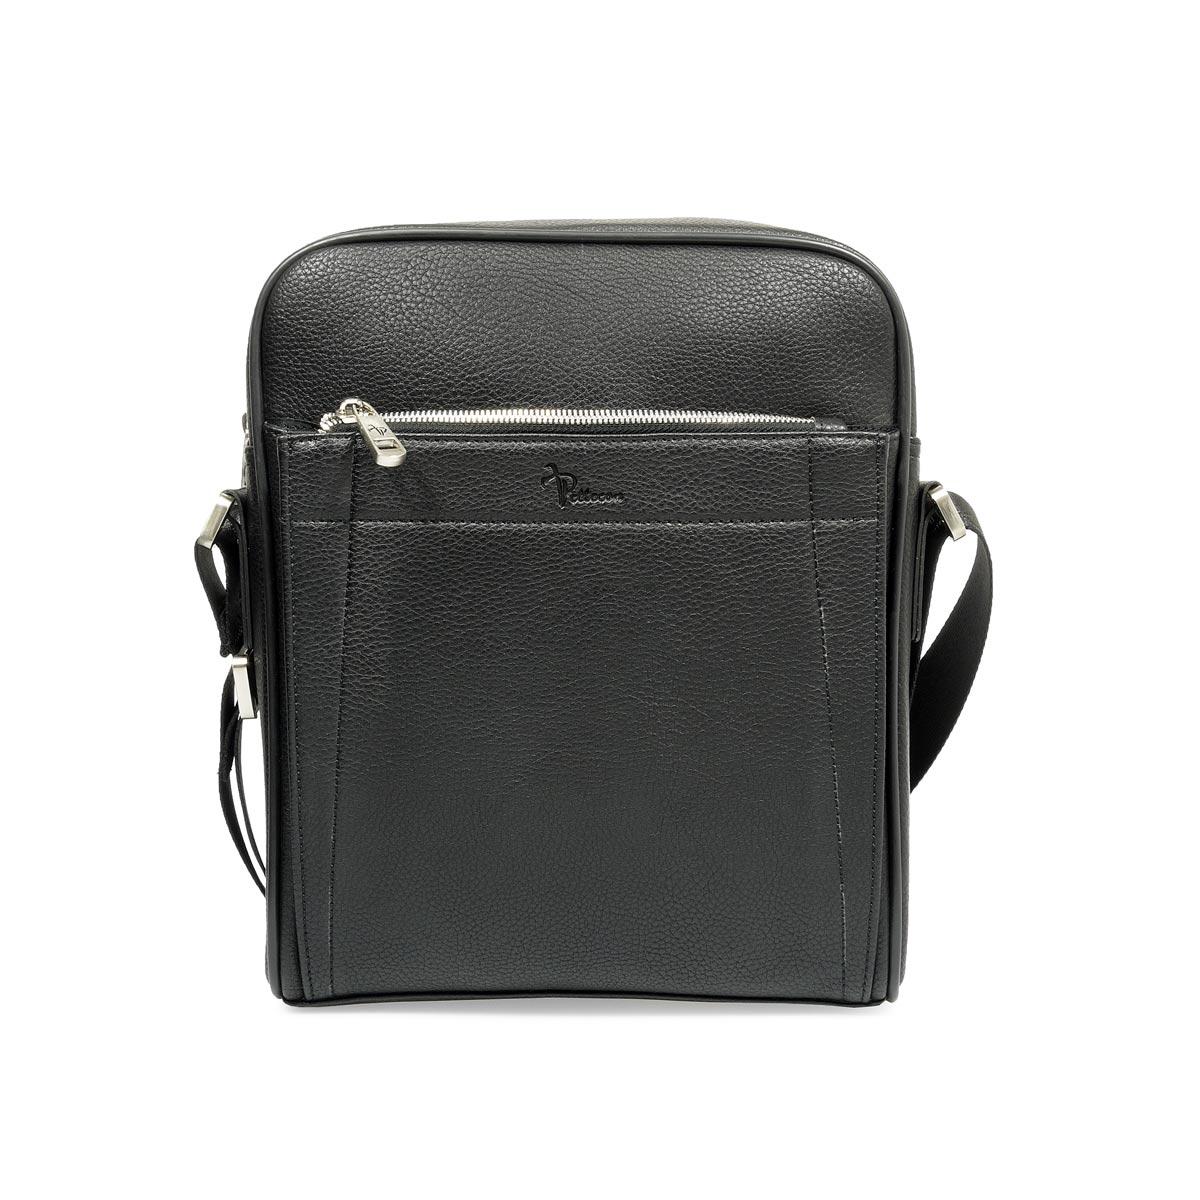 812-21386-1 Bag Men пеллекон